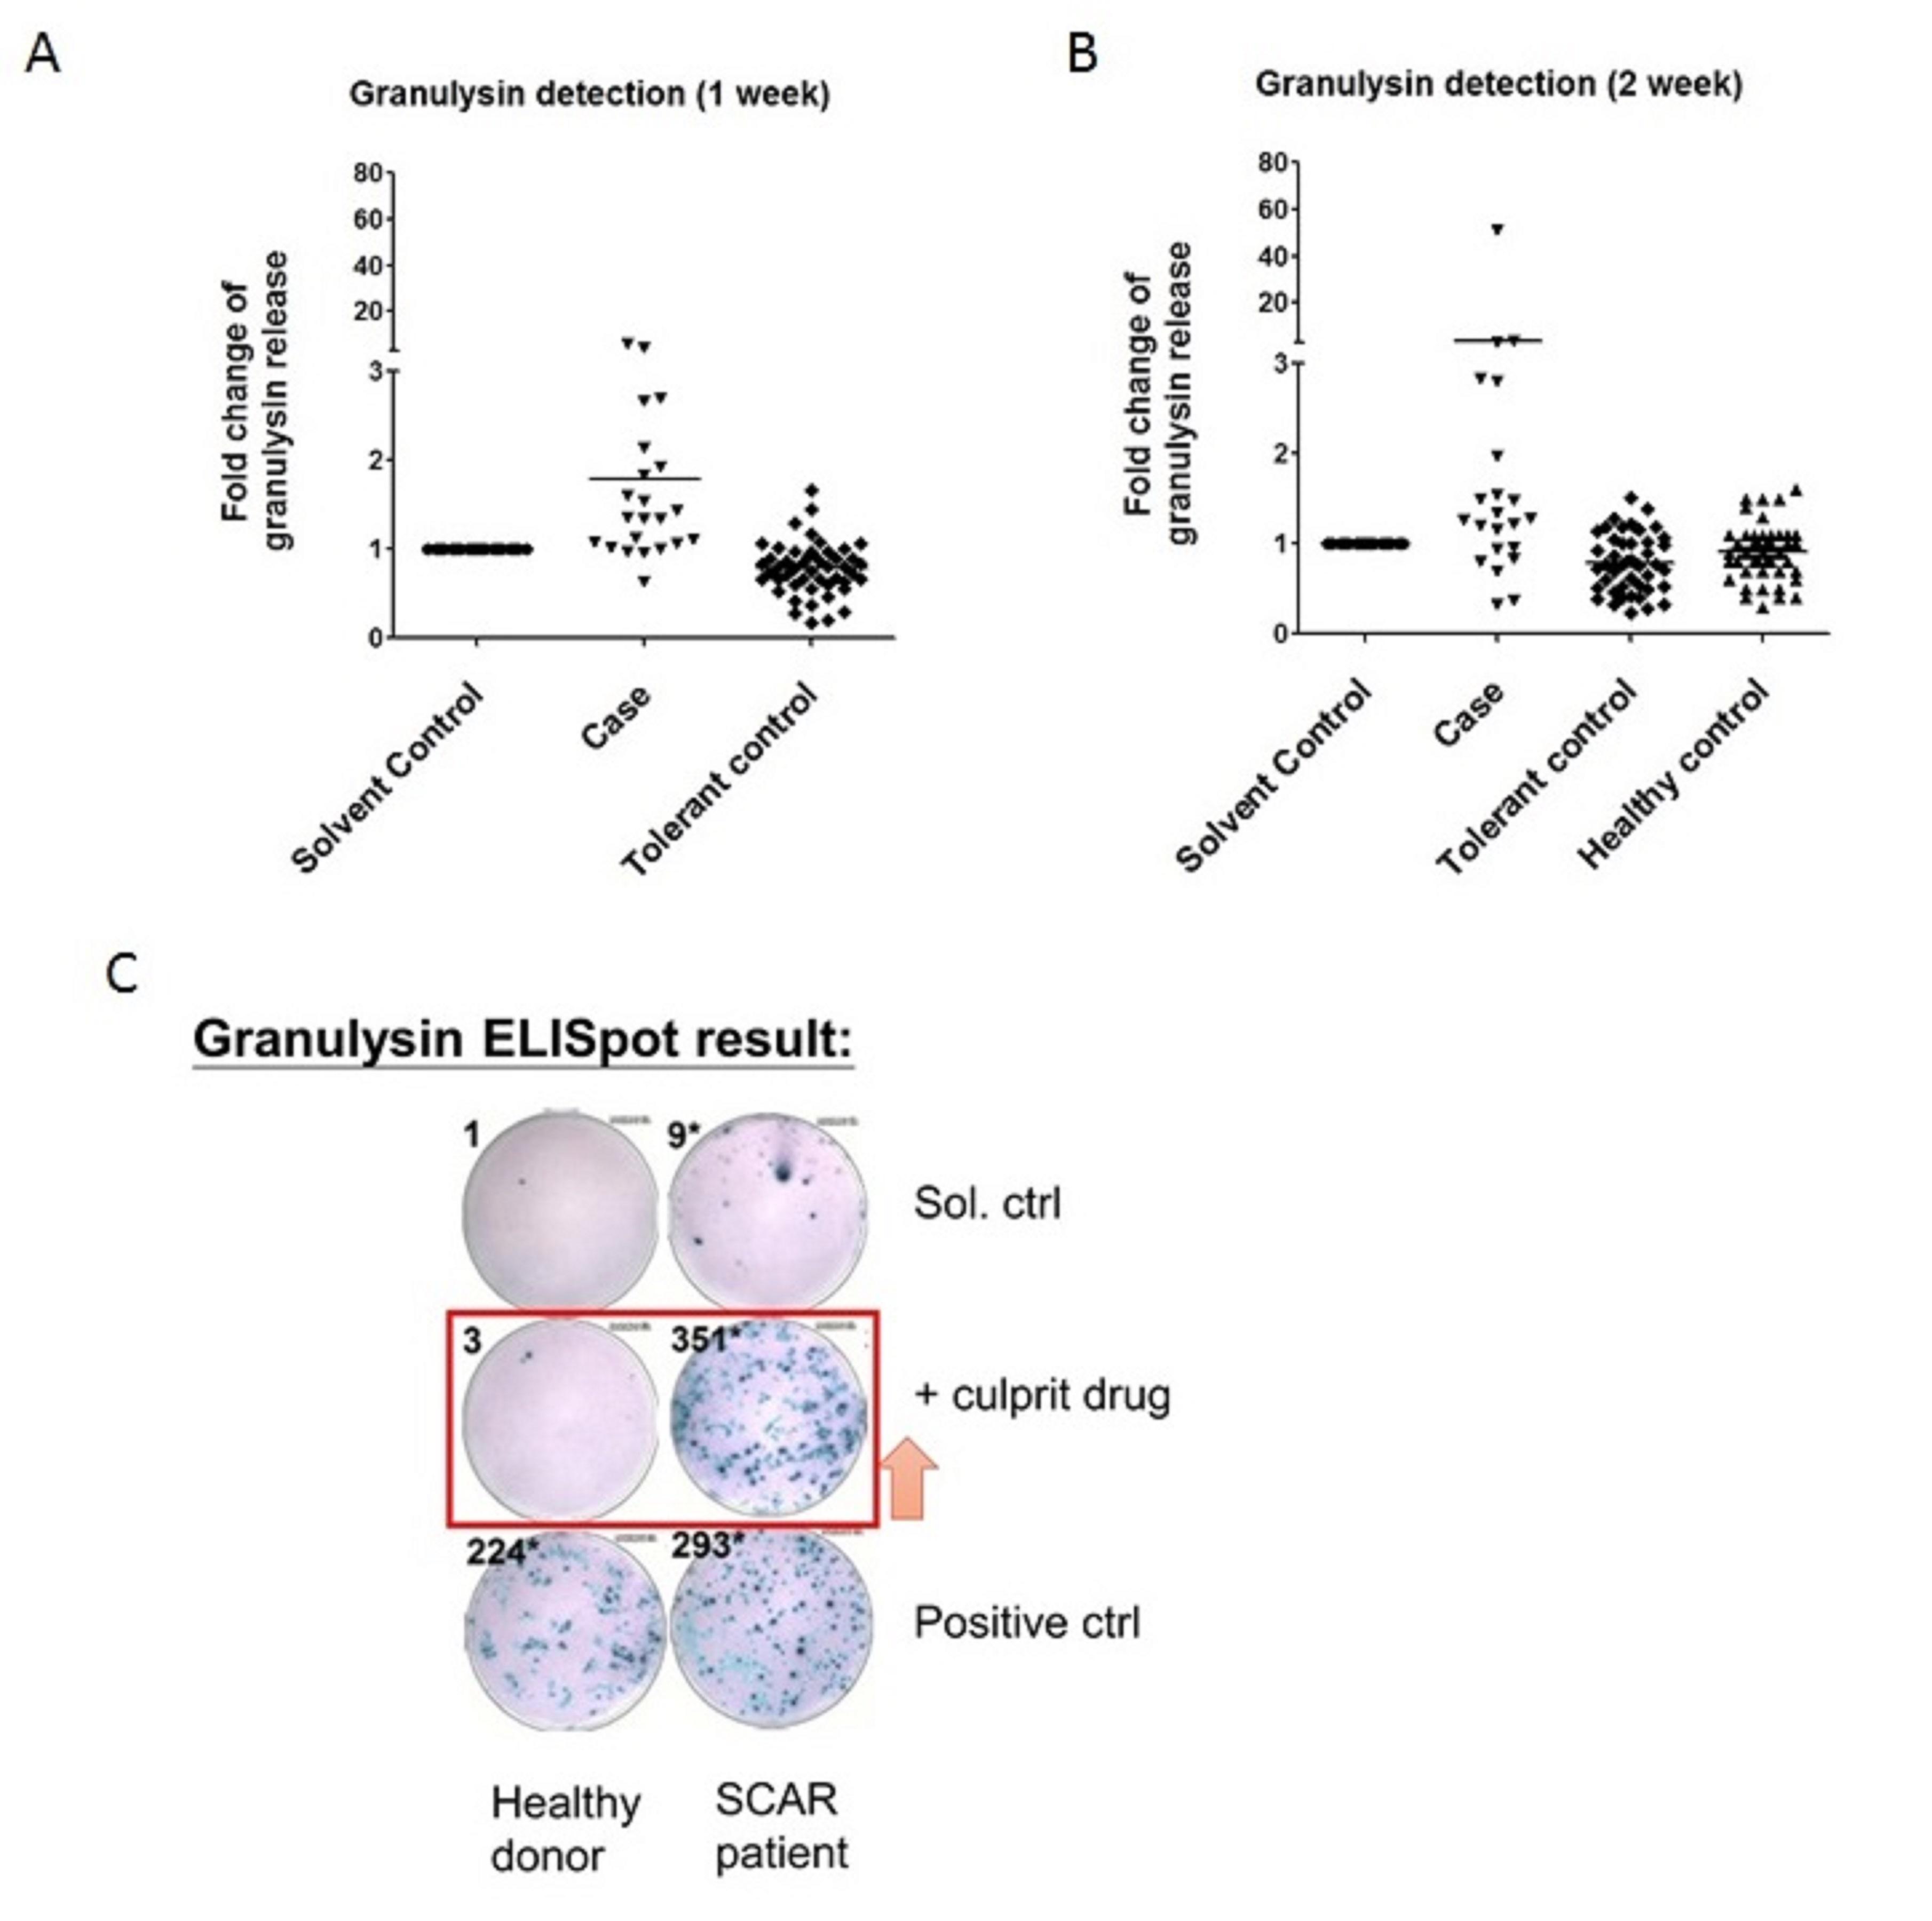 致敏藥物刺激活化細胞後測定顆粒溶解素表現量結果